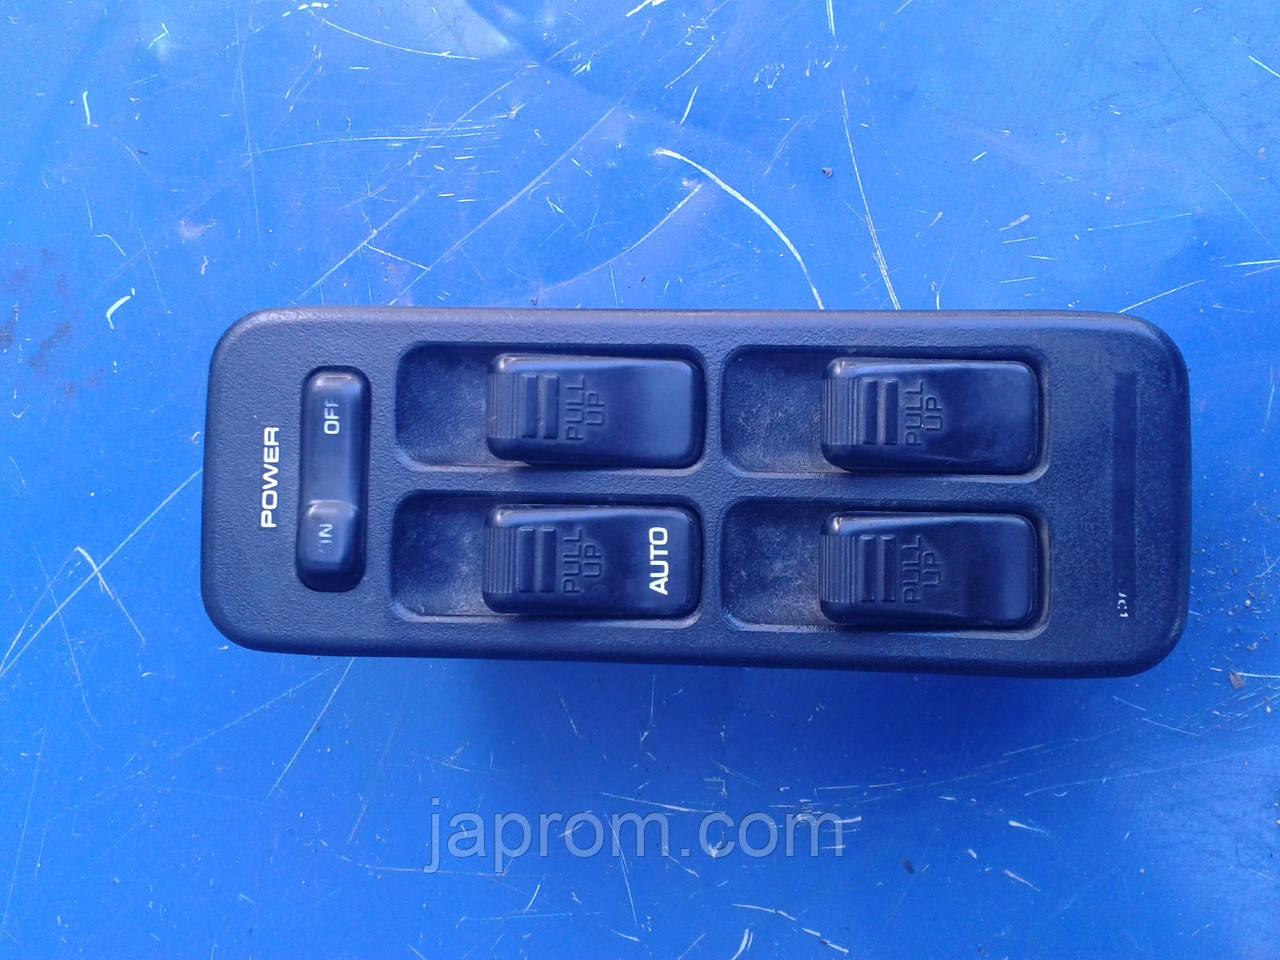 Блок кнопок стеклоподъемников (на 4дв) Mazda 323 BG 1988-1994 г.в.